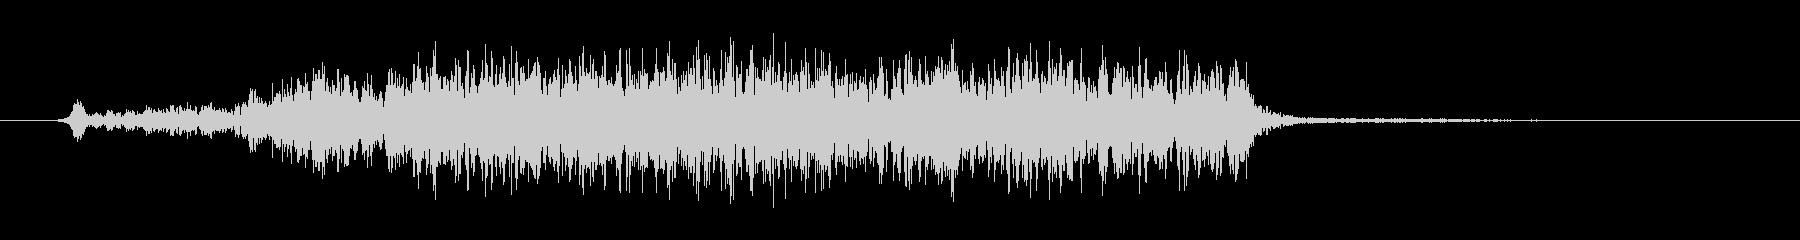 ポンプスプレー:シングルスプレーバ...の未再生の波形